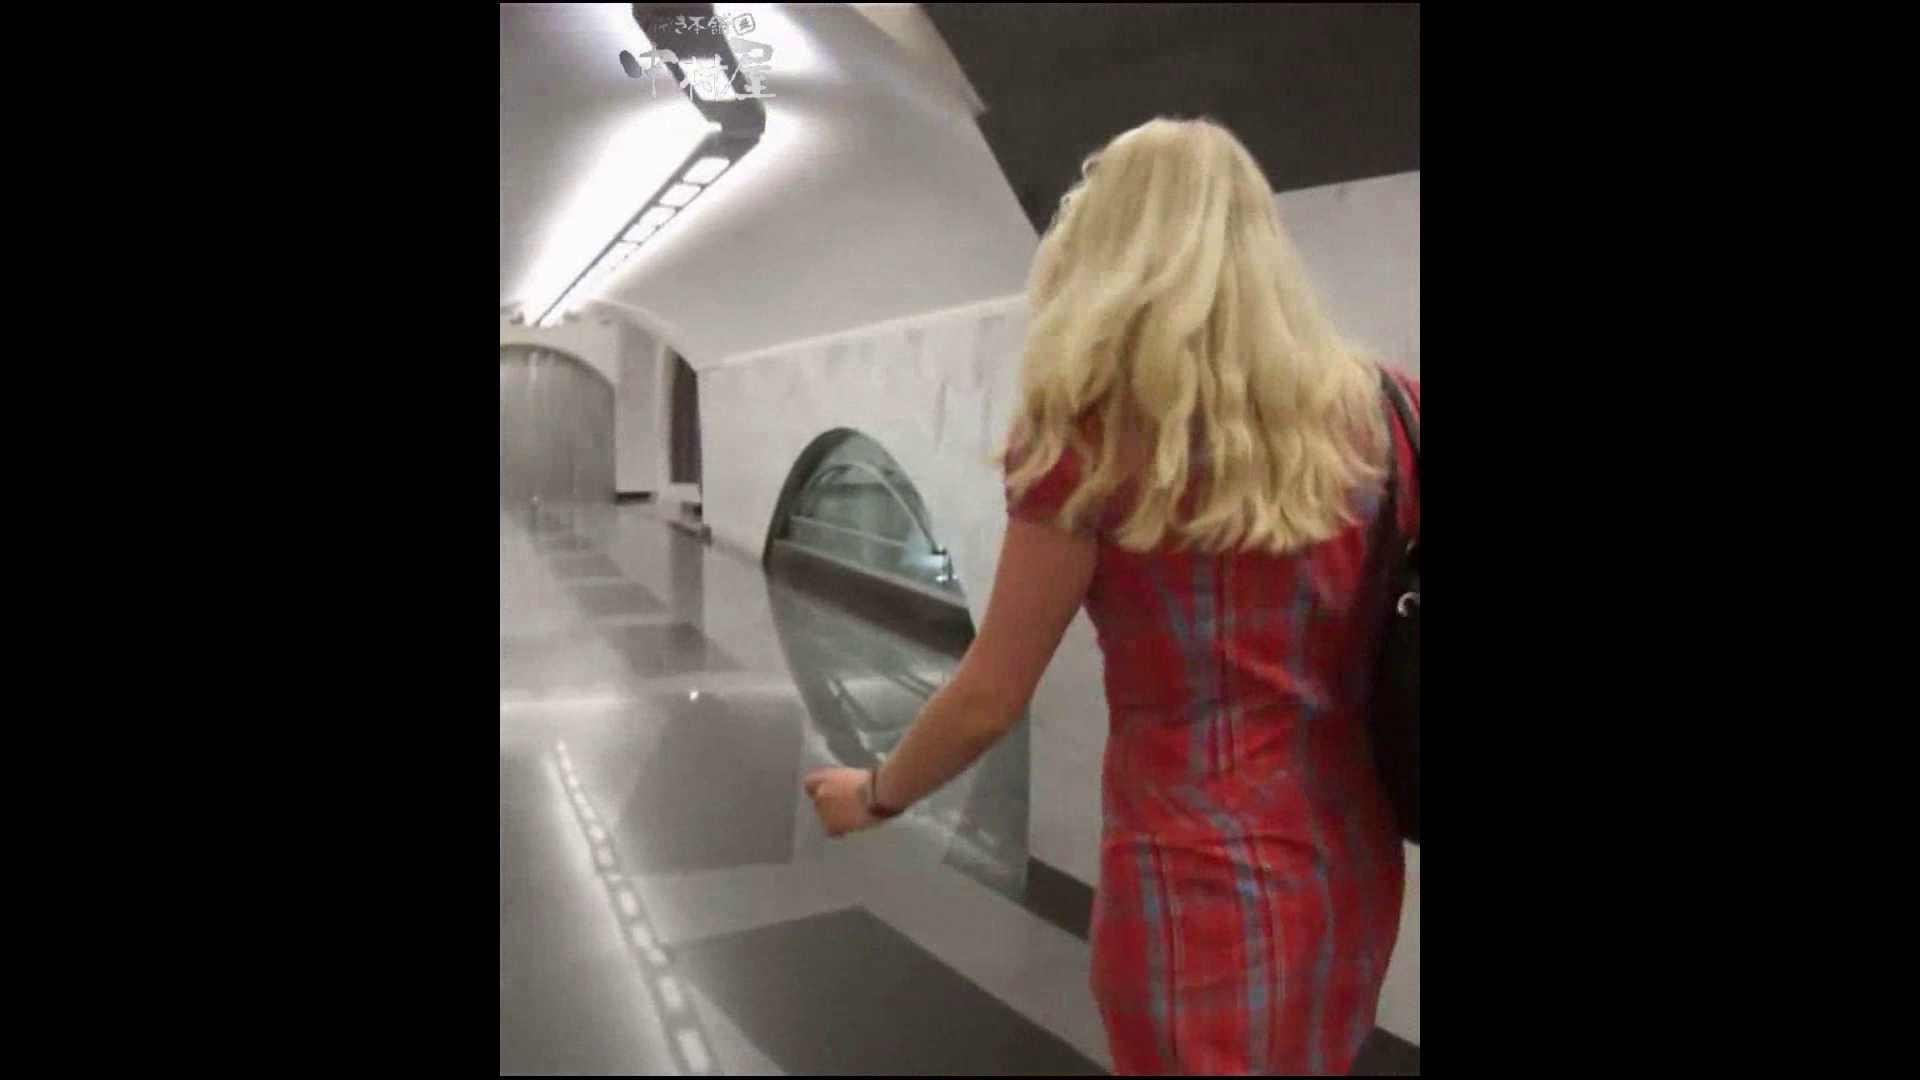 綺麗なモデルさんのスカート捲っちゃおう‼ vol21 お姉さんのエロ動画 | 0  87PIX 41